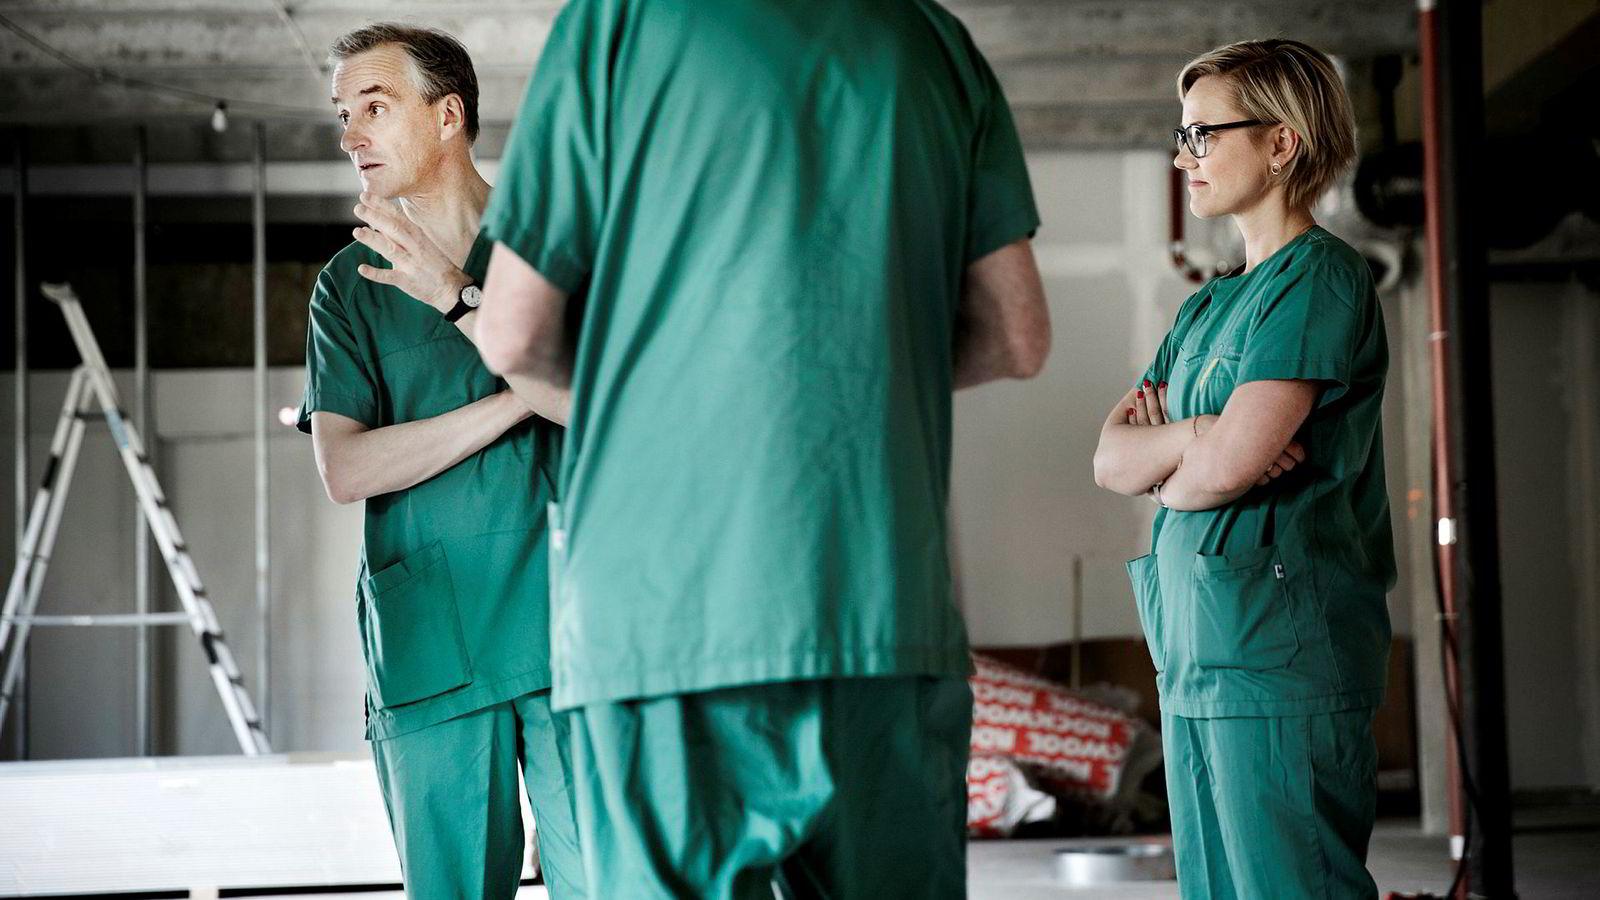 Arbeiderpartiet må legge vekk demonteringspåstandene og heller fortelle oss hvordan det vil løse helseutfordringene fremover. Her fra Internvensjonssenteret på Rikshospitalet, Jonas Gahr Støre til venstre.